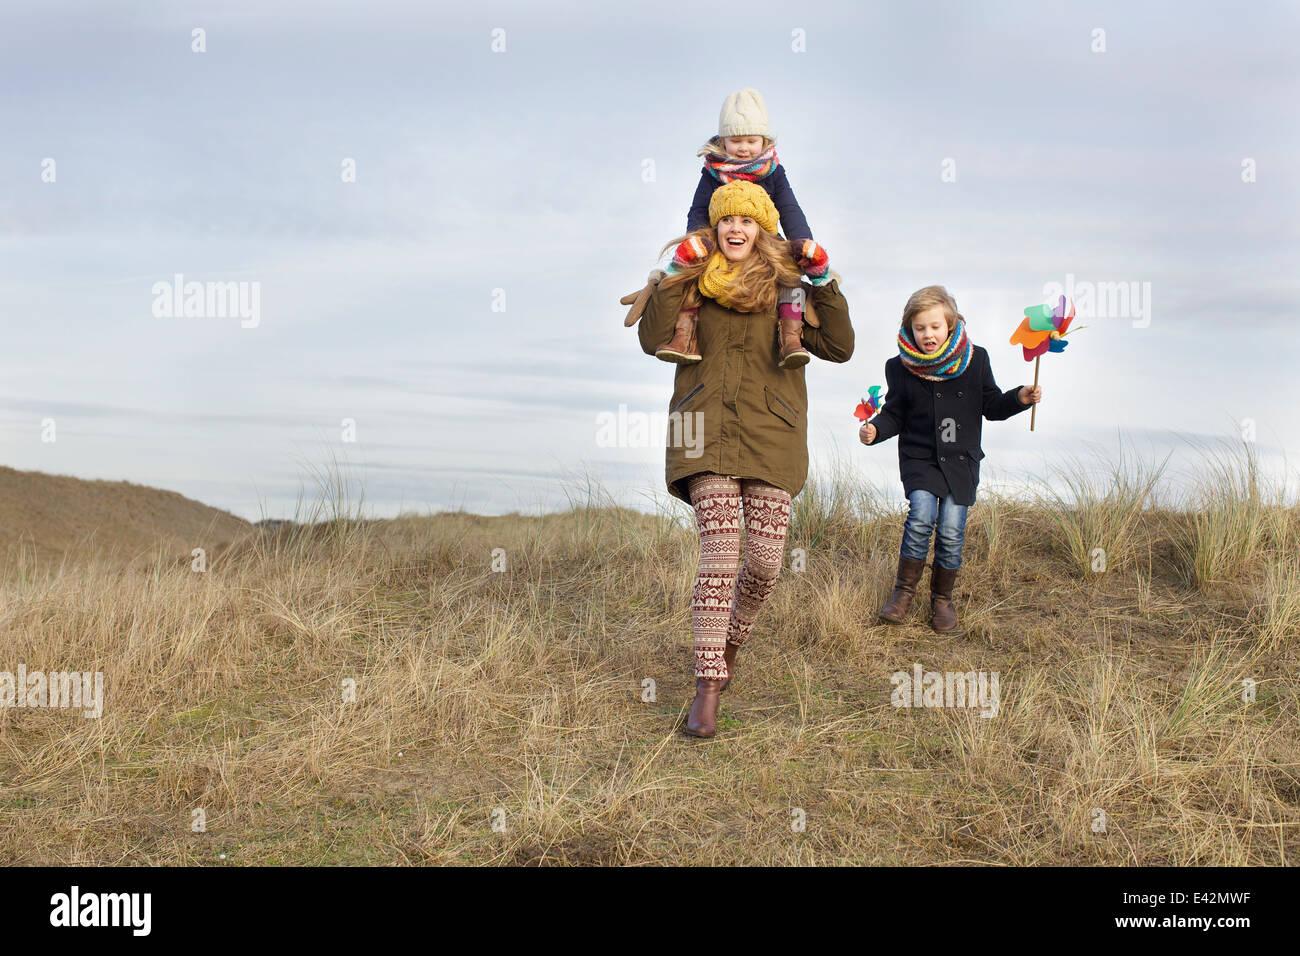 Sonriendo a mediados mujer adulta con su hija y su hijo en la costa Imagen De Stock